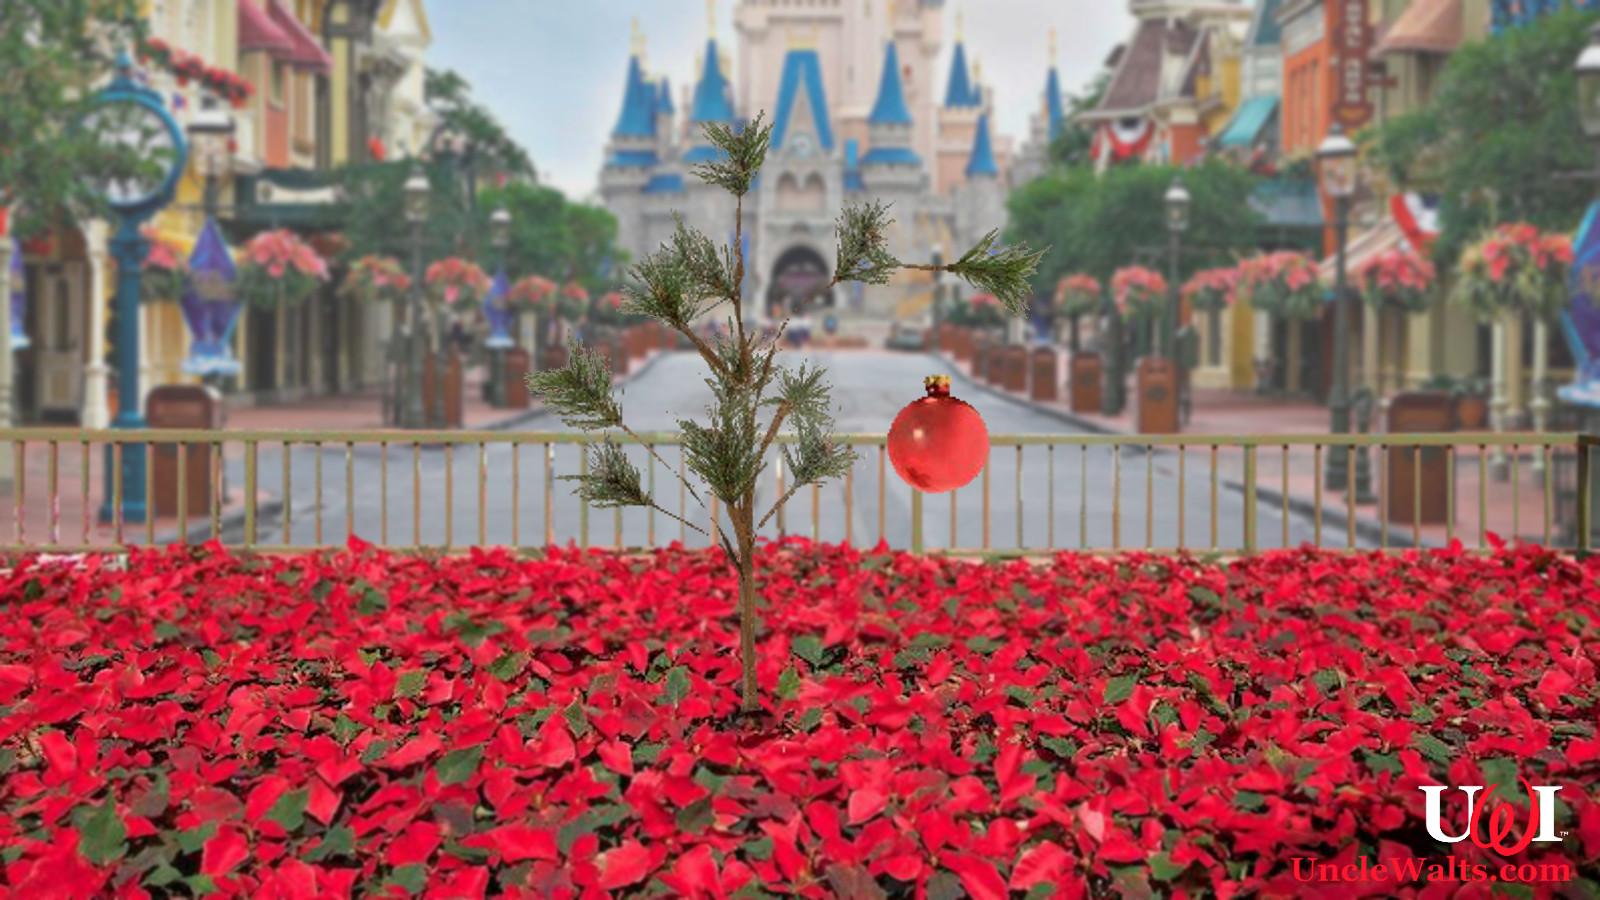 Magic Kingdom Christmas Tree Planted